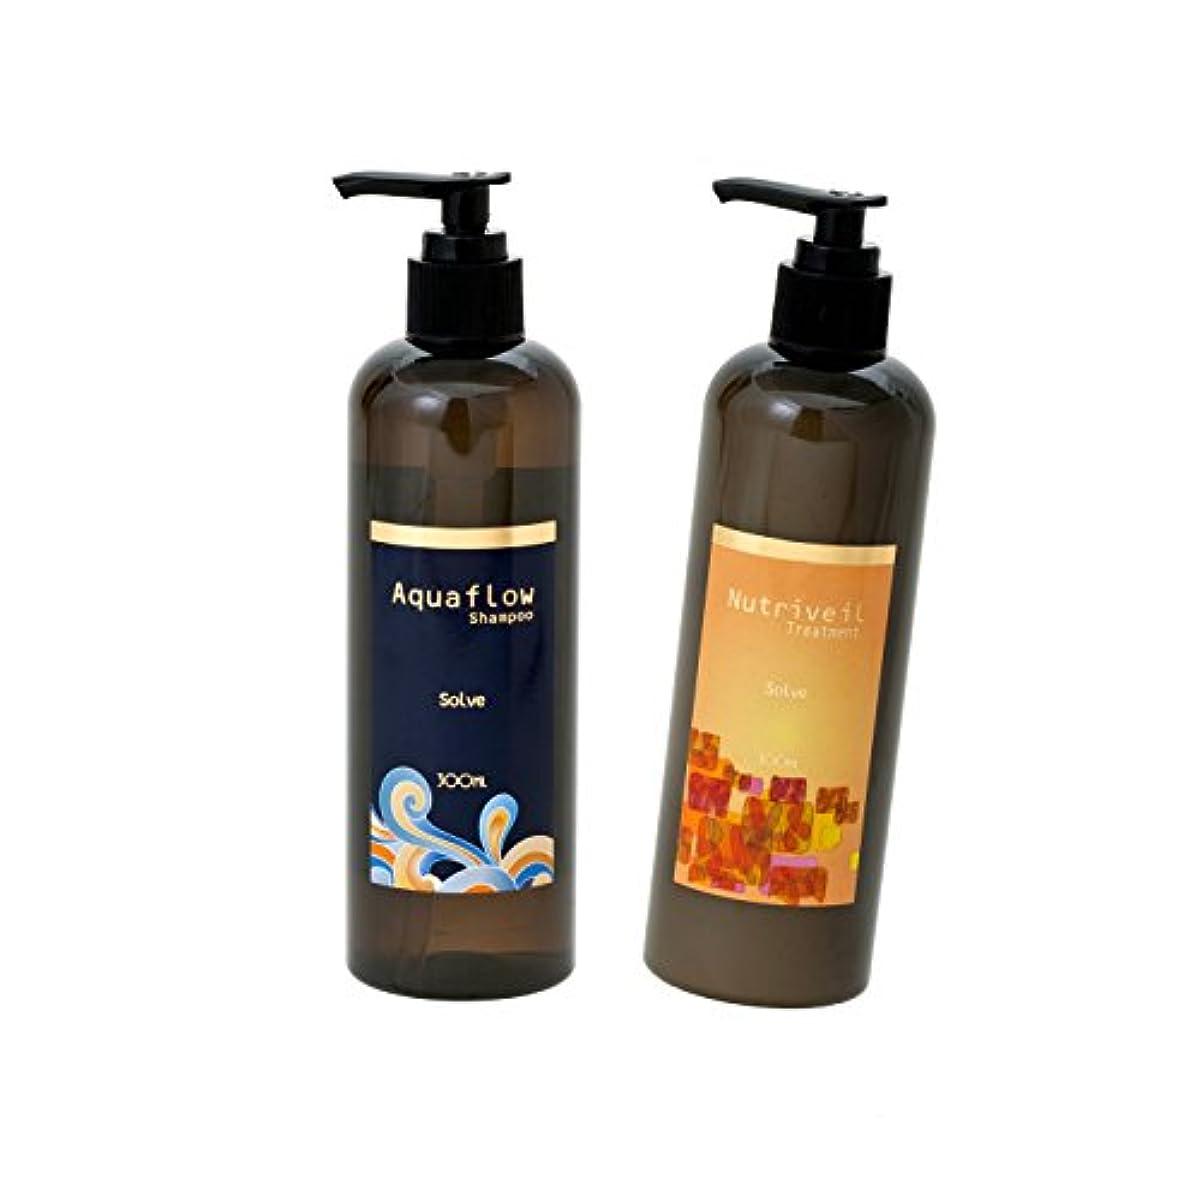 パパ平方励起縮毛矯正した髪を栄養そのもので洗うsolve|ソルブシャンプー「Aquaflow_アクアフロー」ソルブトリートメント「Nutriveil_ニュートリヴェール」セット|カラーの繰り返しで大きくダメージした髪のケアにも。 (300ml_set)